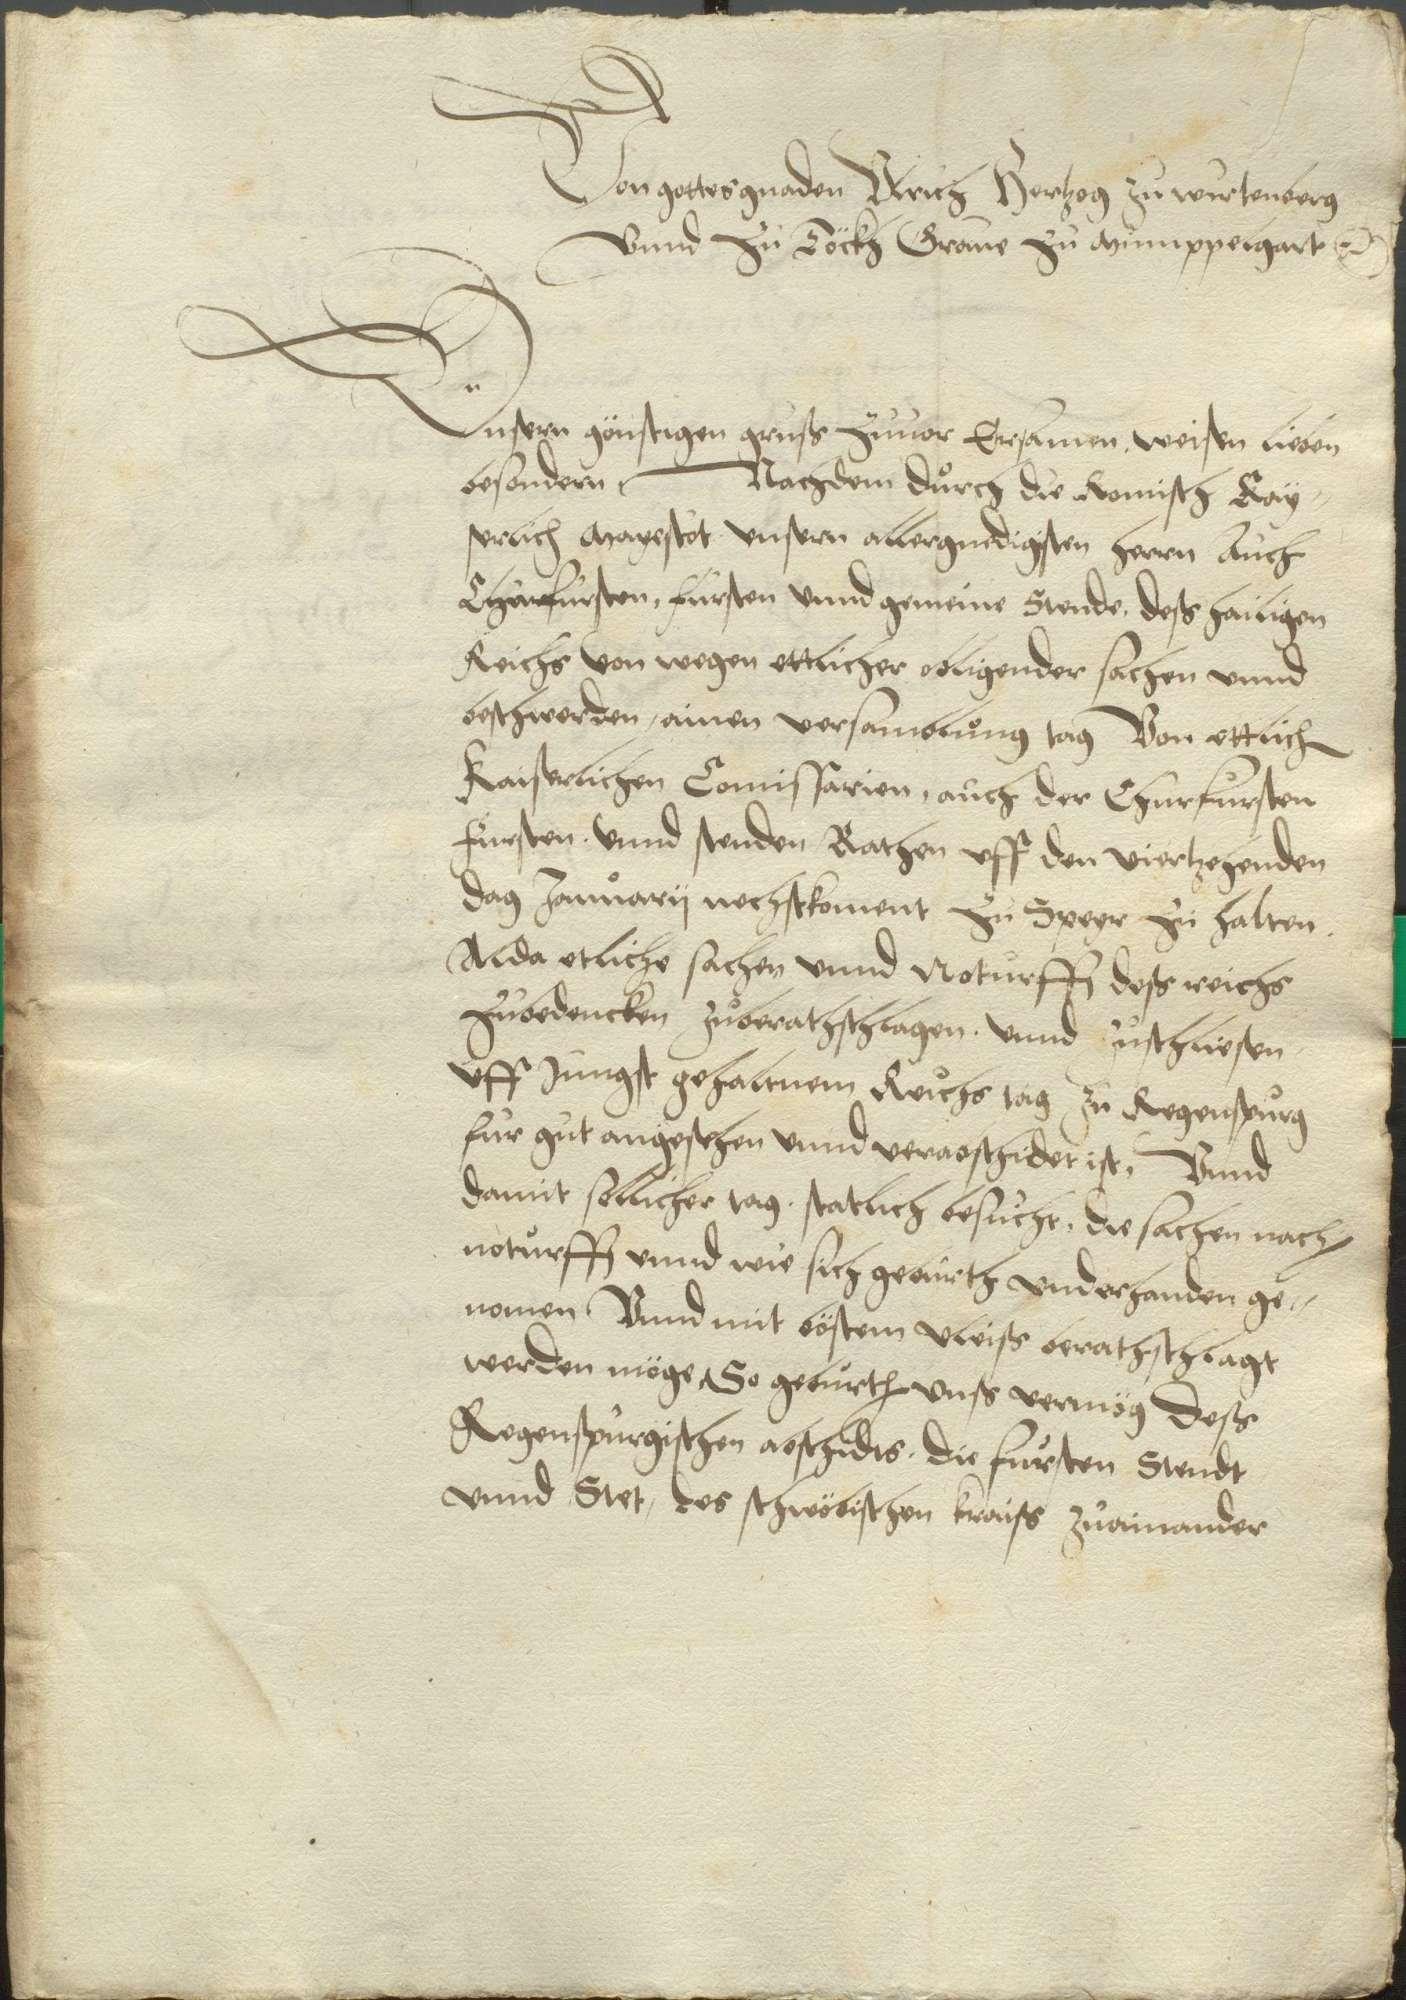 Kraft des Abschieds zu Regensburg von 1541 angesetzter Versammlungstag der Stände zu Speyer auf dem 14. Januar 1542 und der deswegen vom Herzog von Württemberg vorher ausgeschriebene Versammlungstag der Stände des Schwäbischen Kreises nach Weil der Stadt auf den 20. November 1541. Es sollte auf dem Speyerischen Tag wegen der Reichsanschläge, der Münze, der Kammergerichtsvisitation, der beharrlichen Türkenhilfe, der Polizei, der Straßburgischen Beschwerden gegen das Kammergericht, des Stimmrechts der Reichsstände, der Mordbrenner und der Rechnung der Anlagen, vermöge des Reichsabschieds und des Privatabschieds der Protestanten zu Regensburg von 1541 gehandelt werden., Bild 2